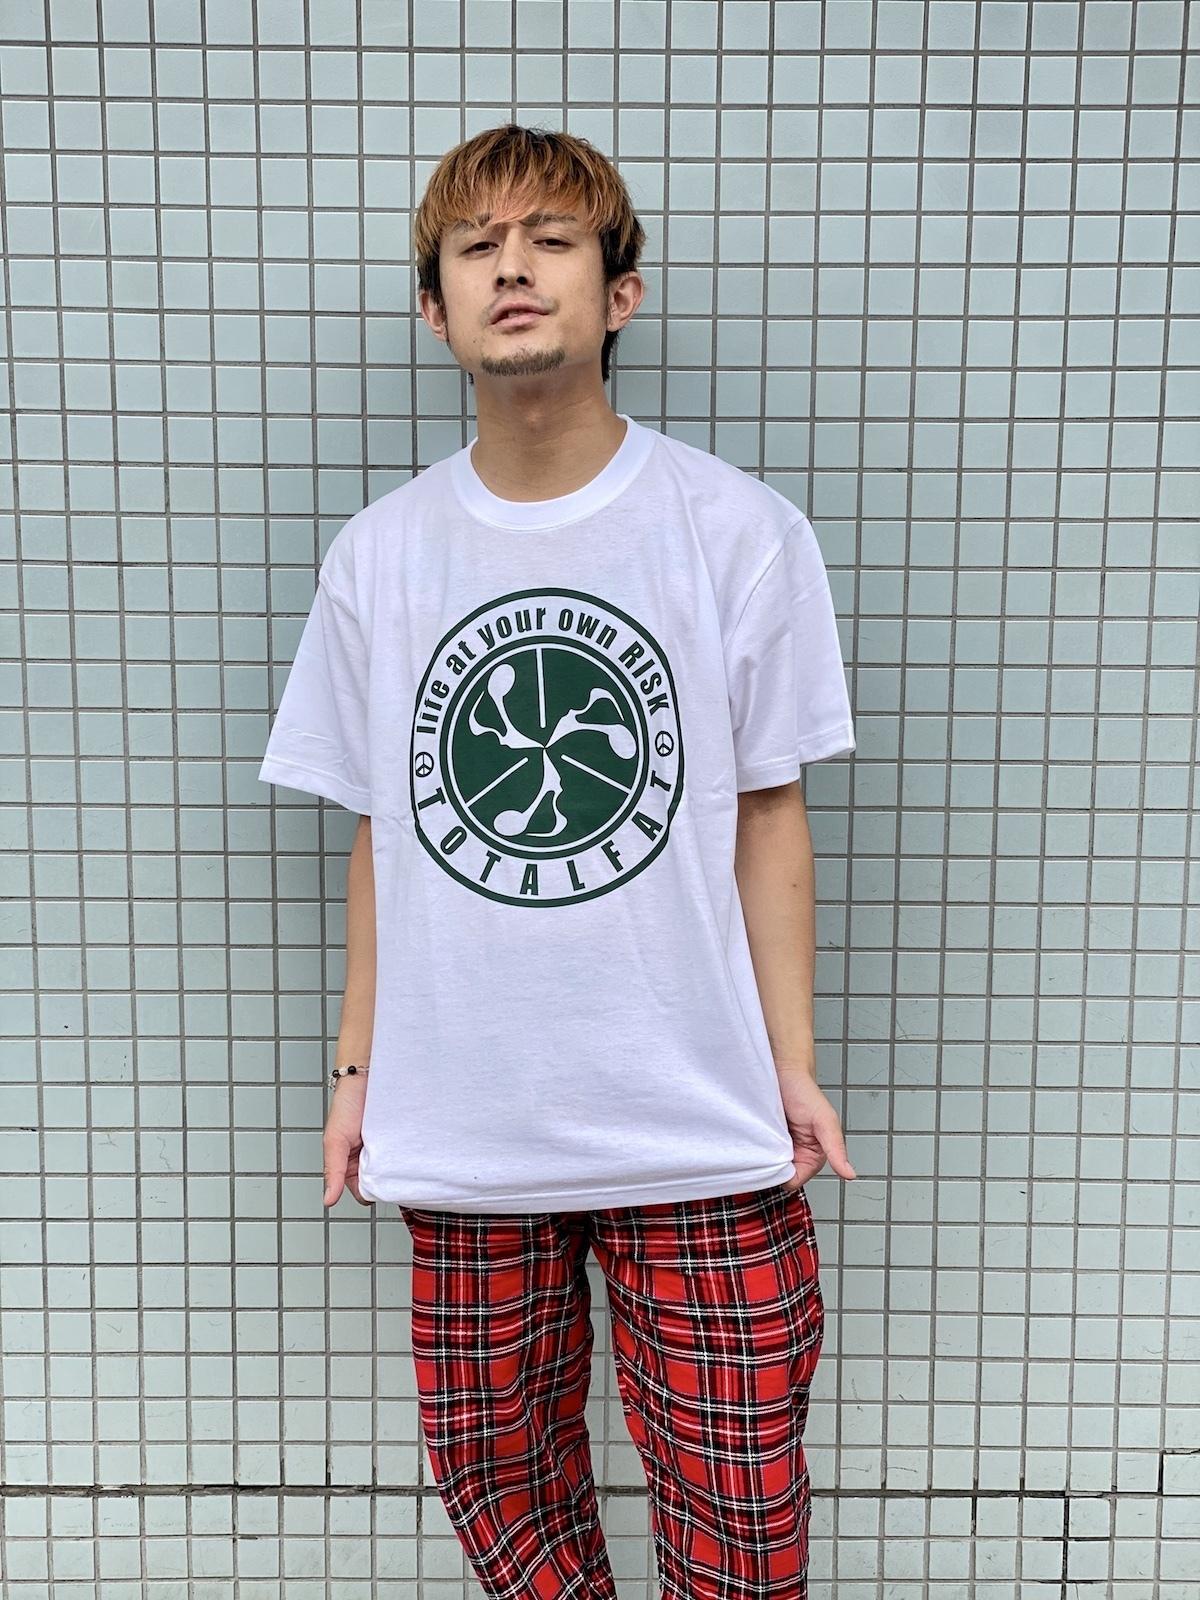 """【 受注生産 】Jose生誕記念Tシャツ"""" ホセティー2020 RISK × Joseスペシャルコラボ""""(ホワイト)"""